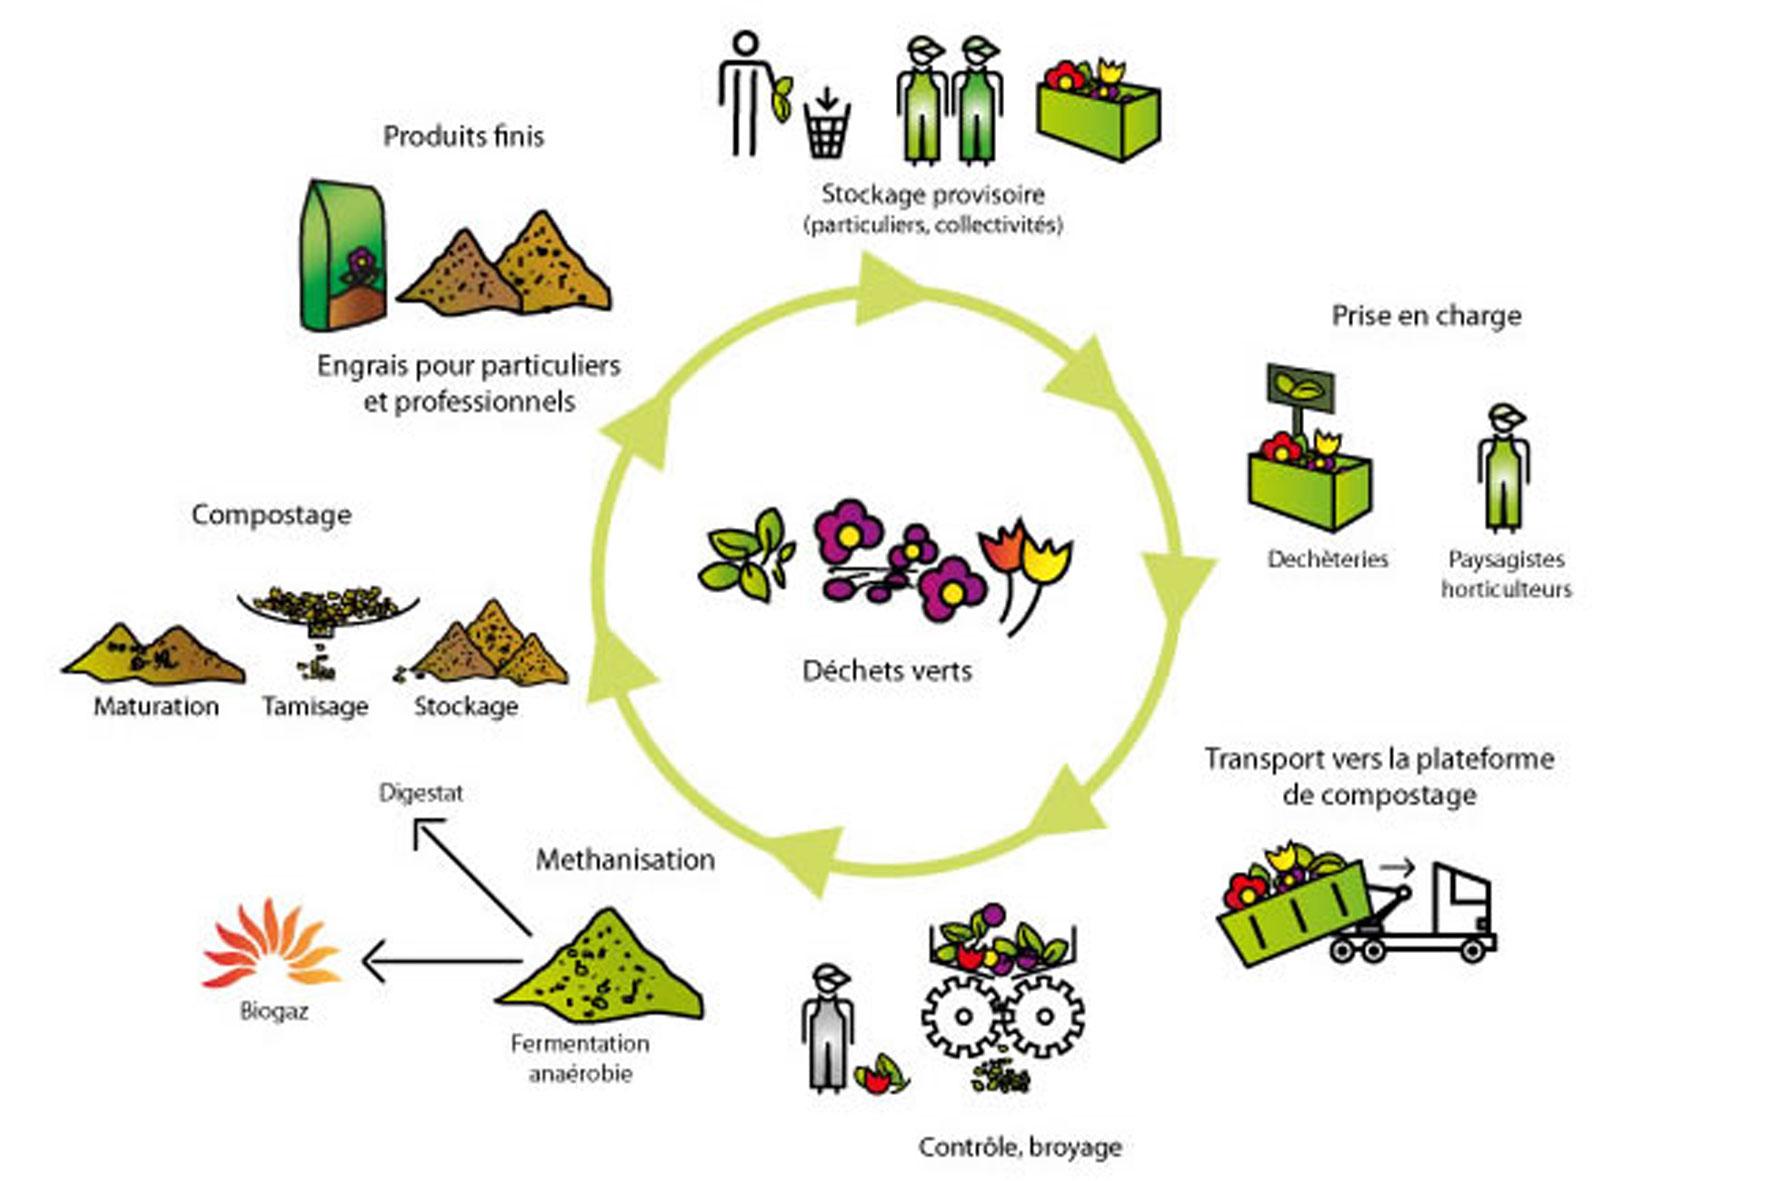 cycle-de-vie-dechets-verts